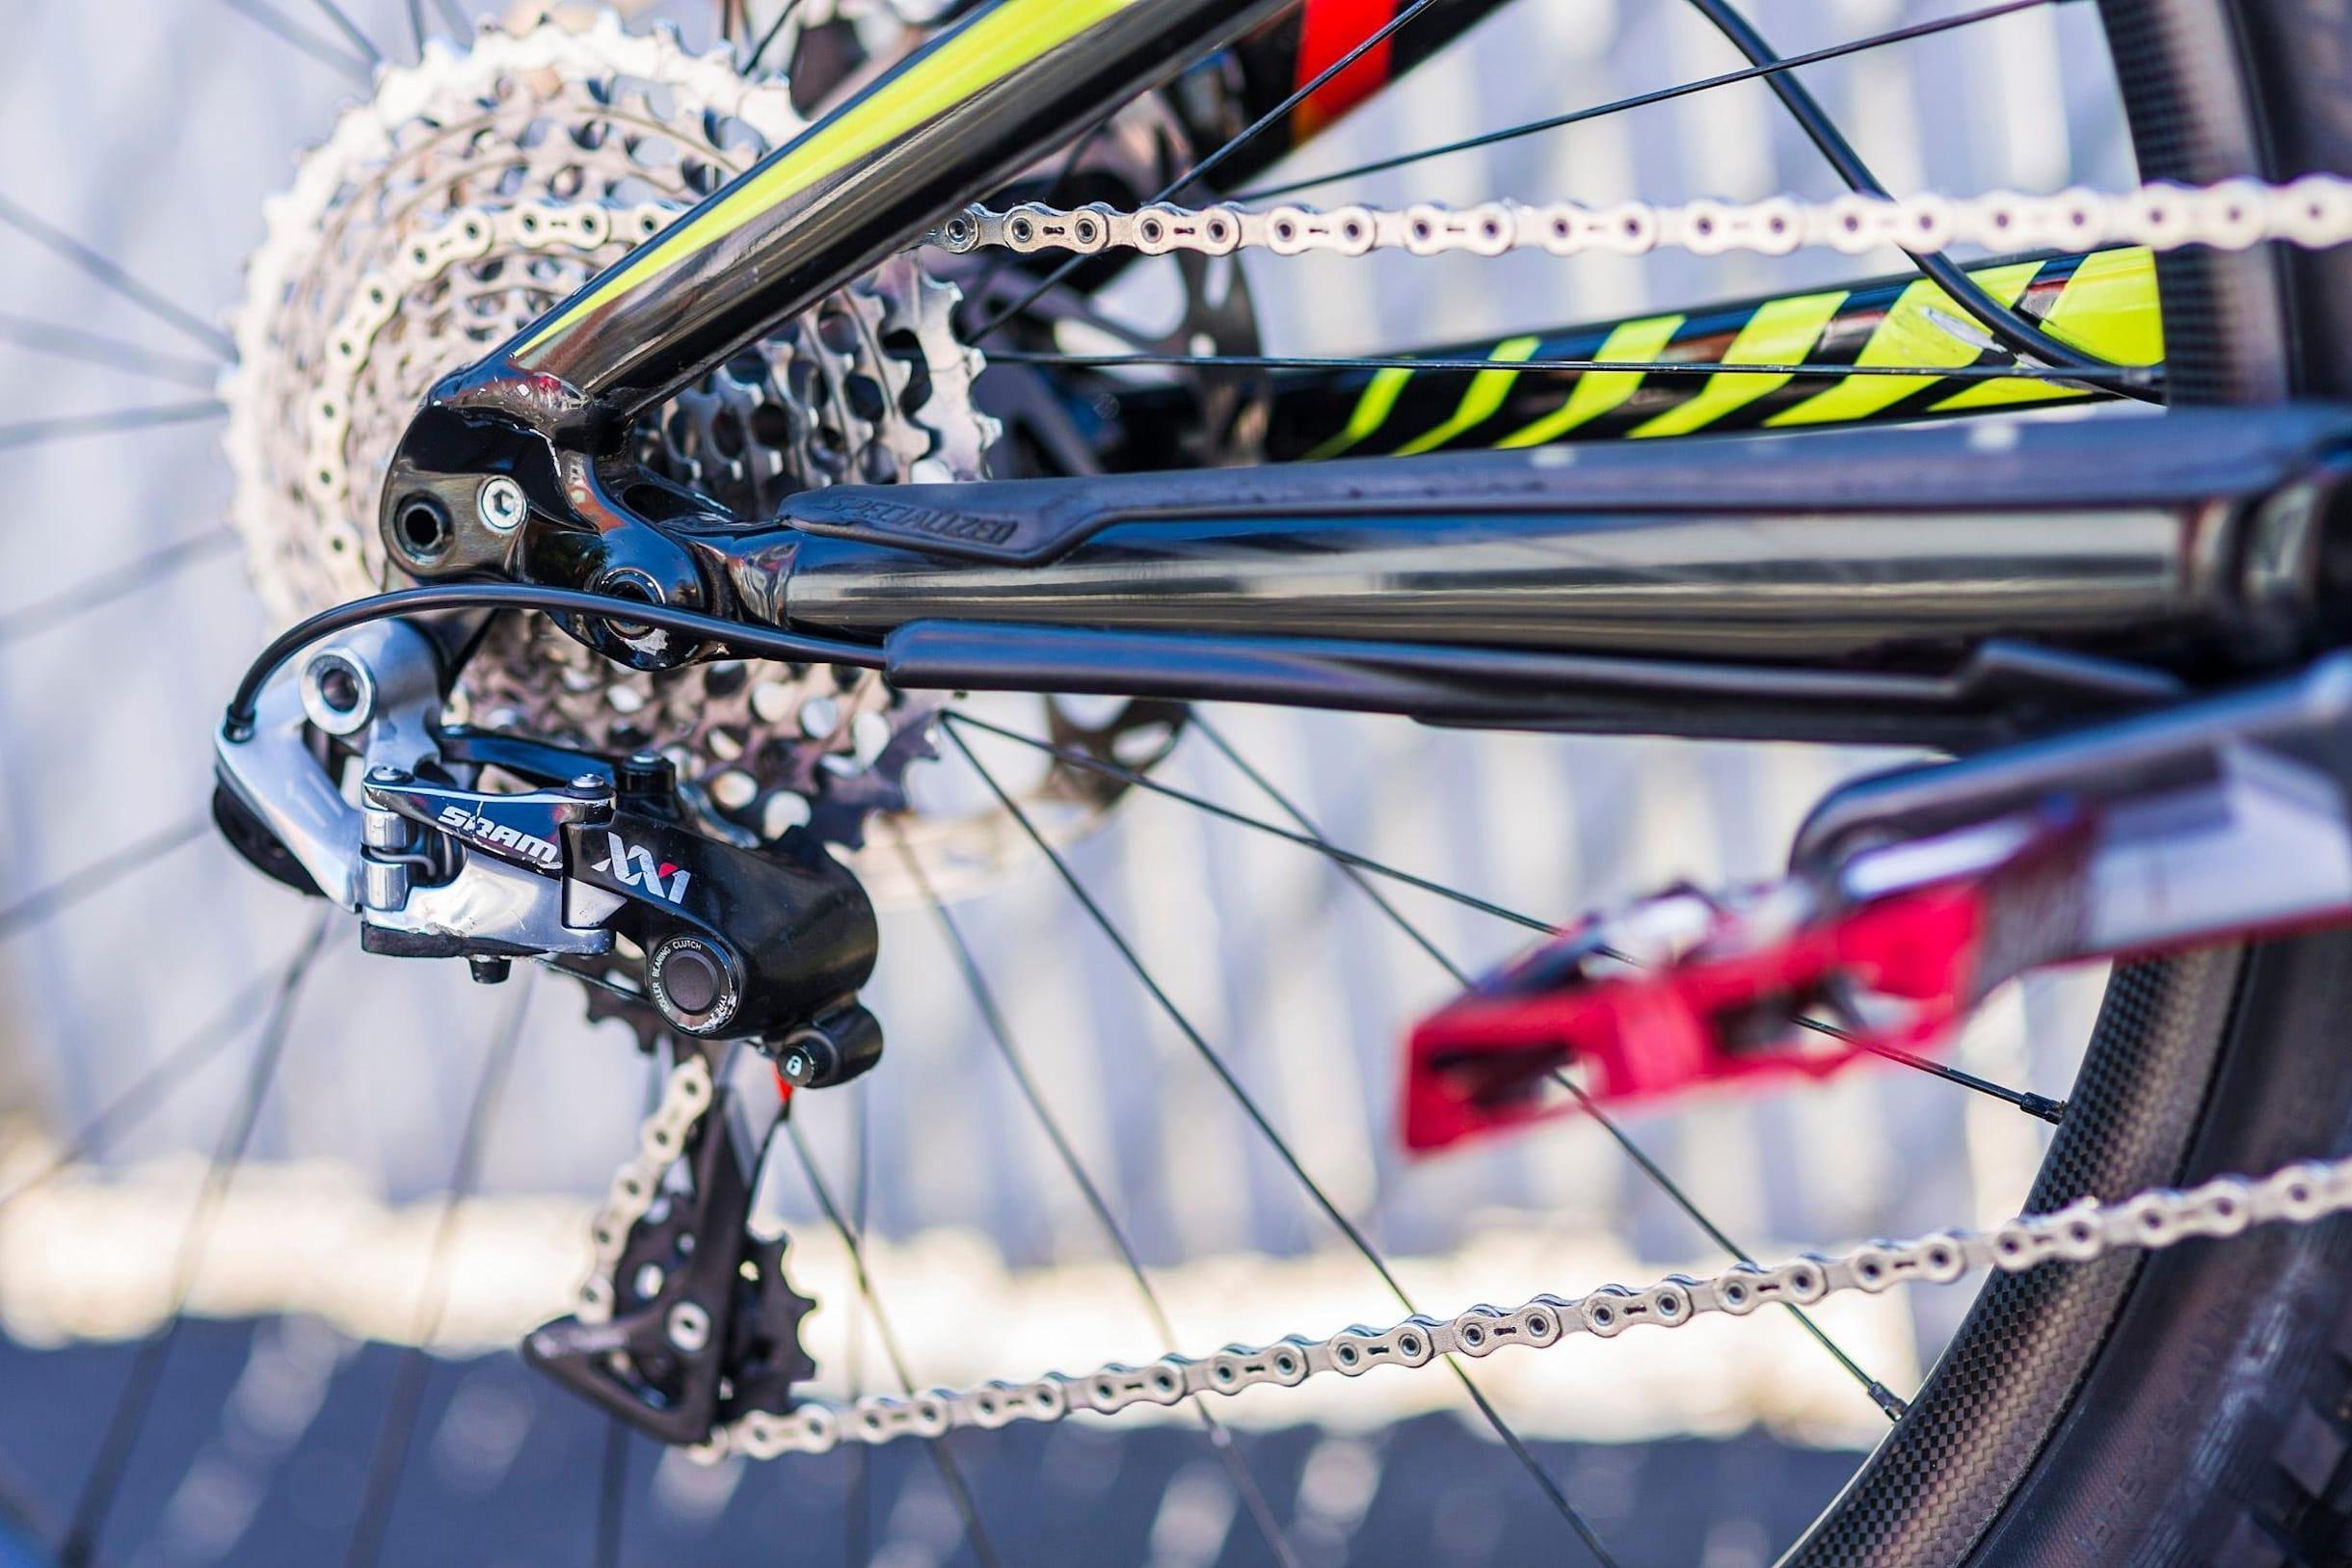 En el interior de la bicicleta de montaña, la bicicleta personal de Curtis Keene mira el cambio trasero.